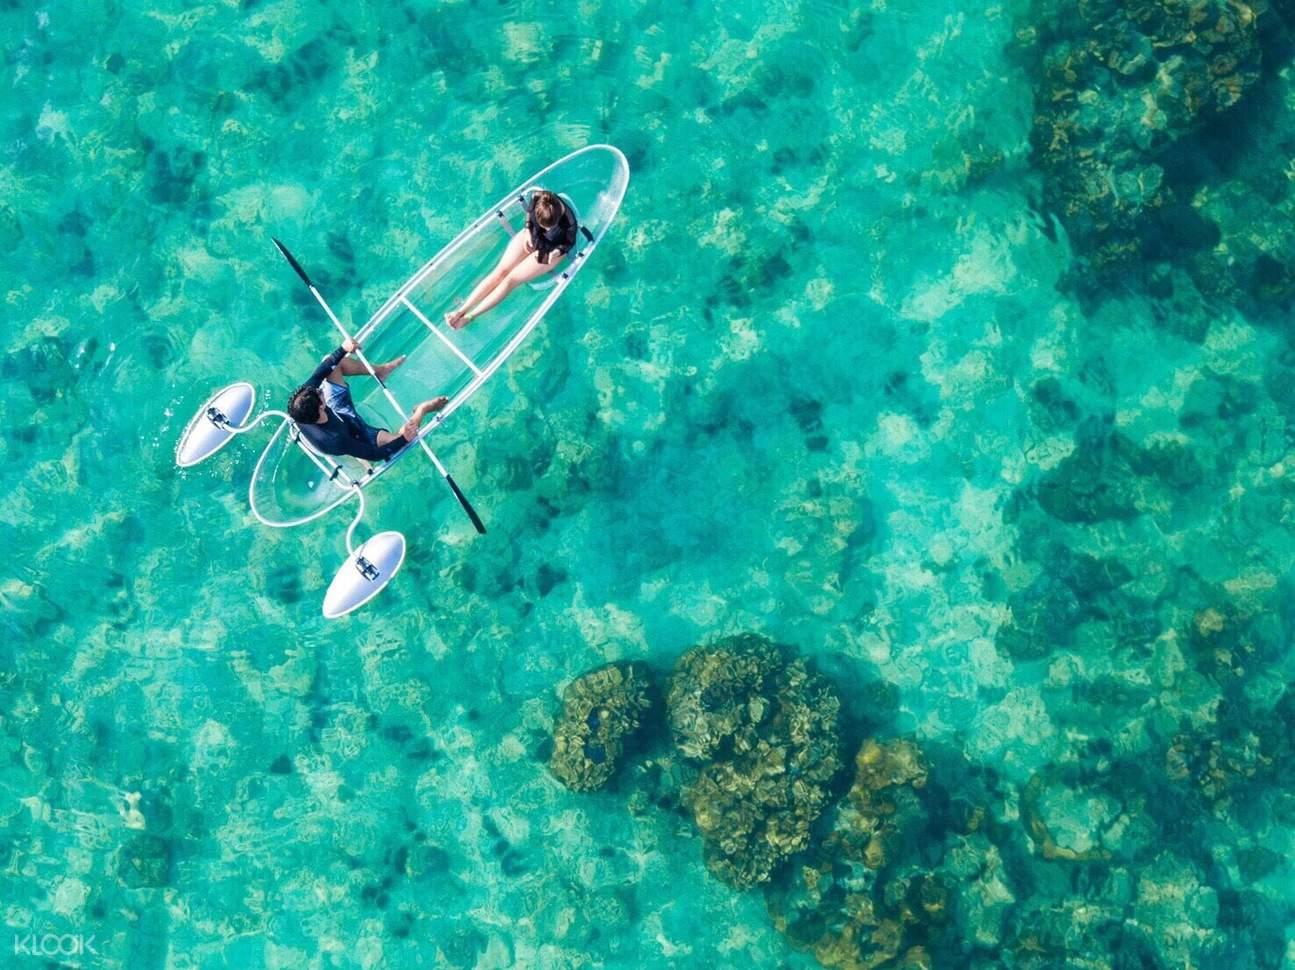 ทัวร์บานาน่าบีช เกาะเฮ 1 วัน โดยเรือสปีดโบ๊ทหรือเรือคาตามารัน